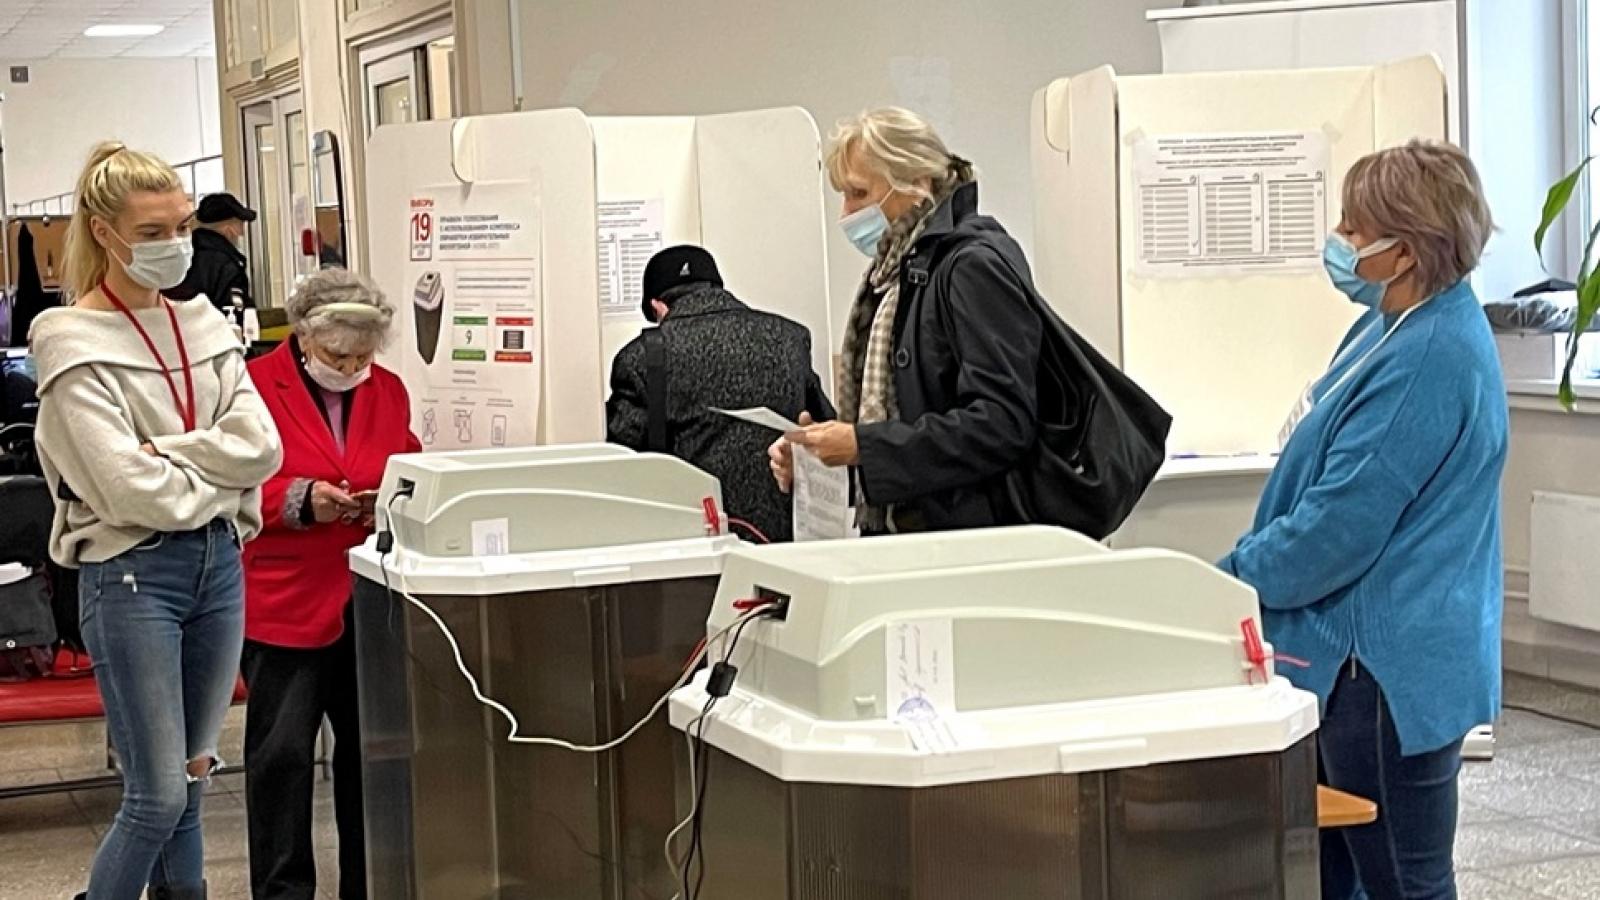 Quốc tế đánh giá tích cực cuộc bầu cử vào Duma quốc gia Nga